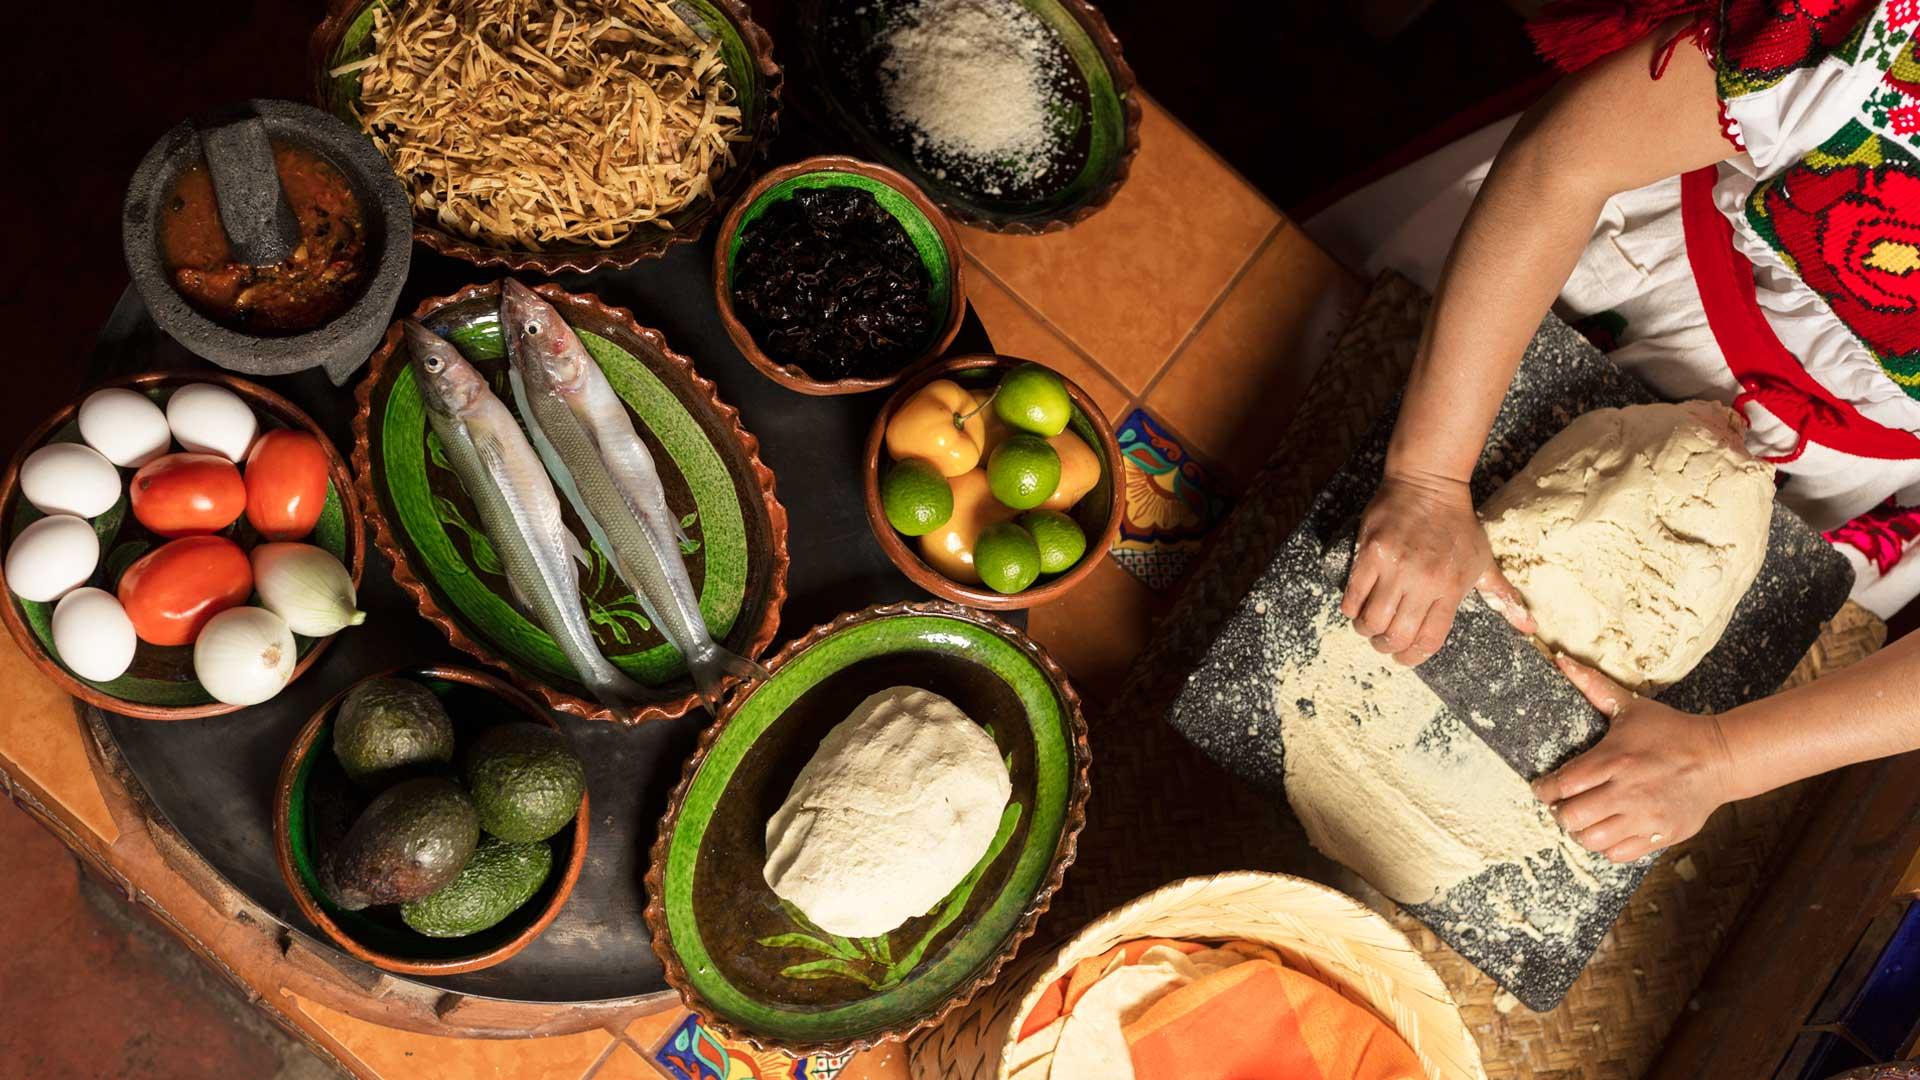 Cocineras tradicionales de Michoacán, tesoro ancestral mexicano